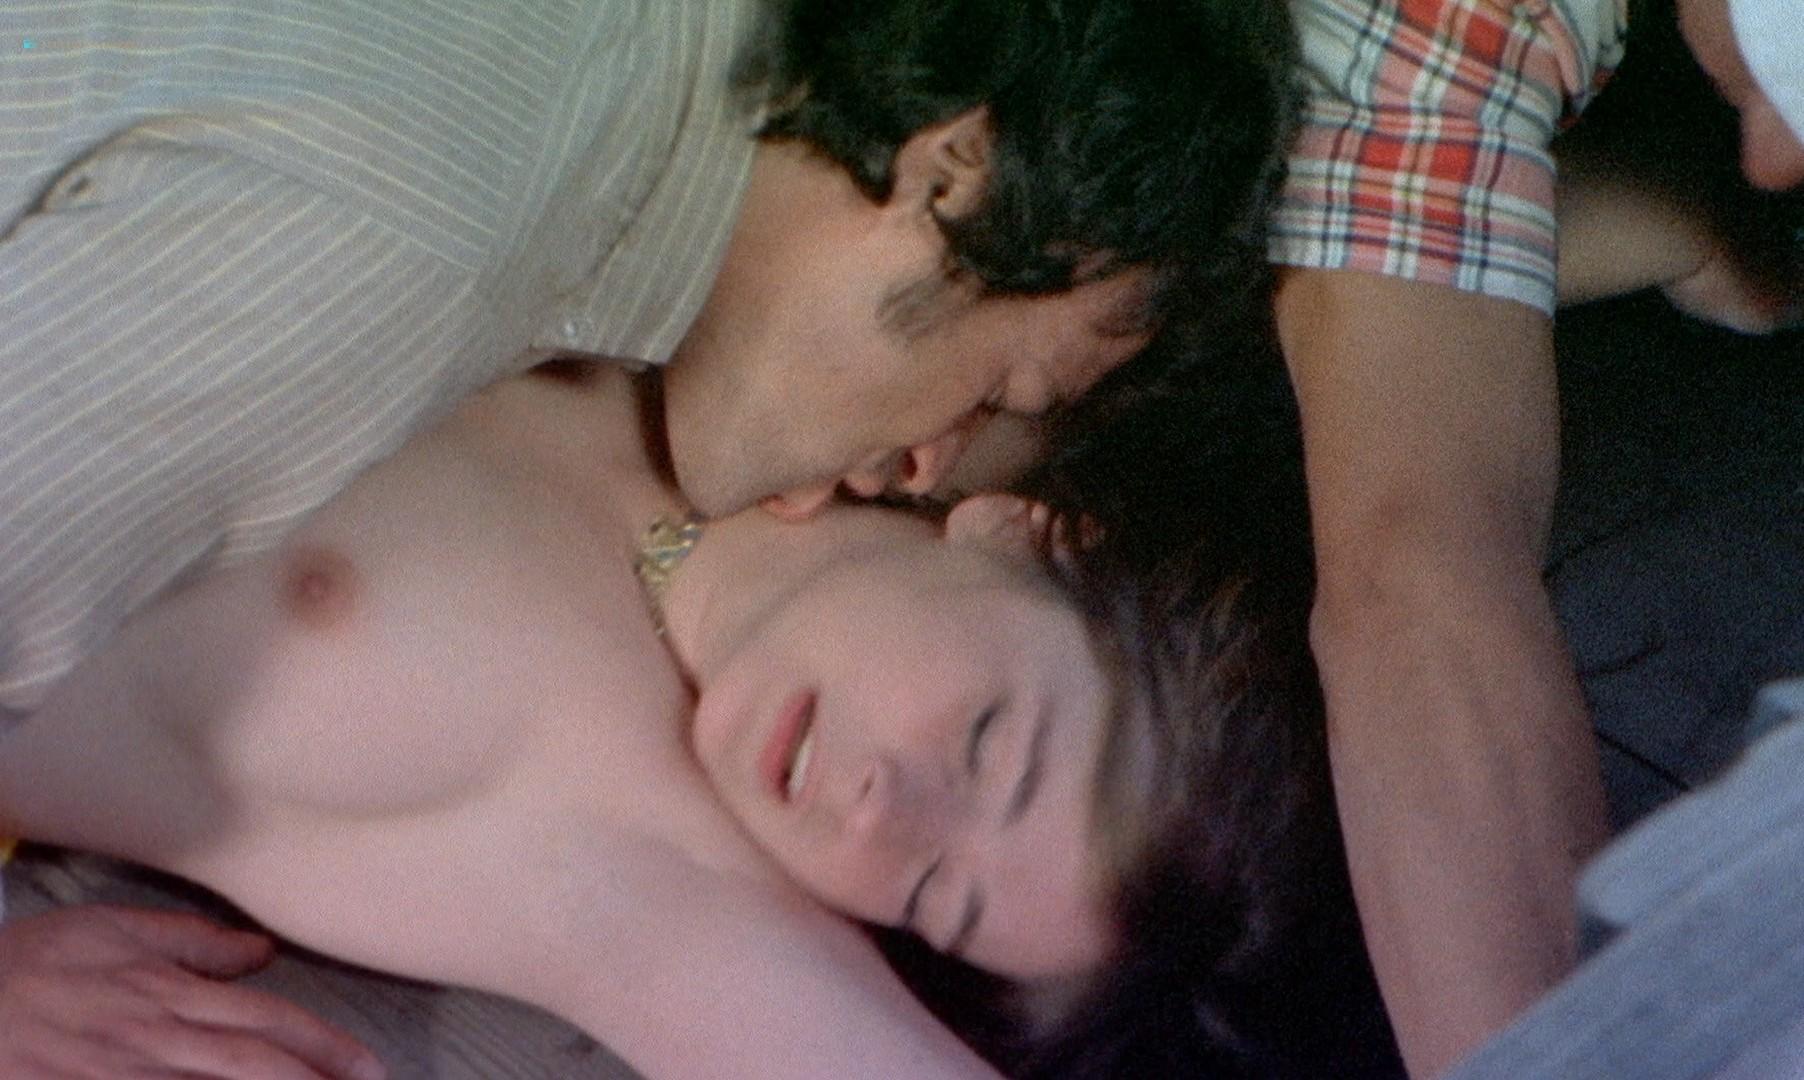 Leonora Fani nude full frontal Mariangela Giordano bush and hot sex - Giallo a venezia (1979) HD 1080p BluRay REMUX (3)